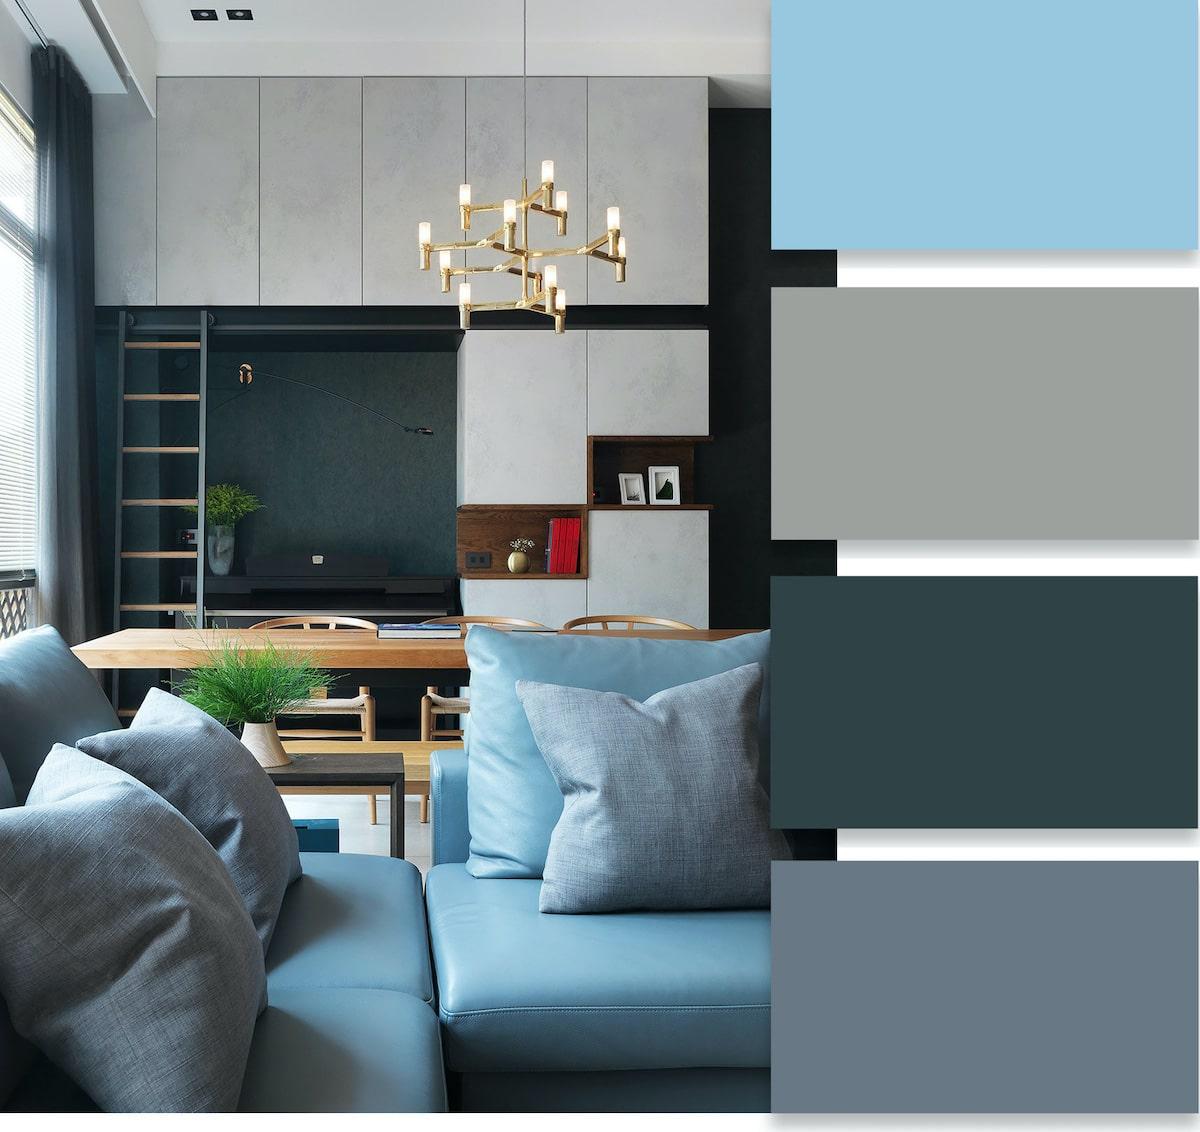 Стильный дизайн интерьера гостиной с роскошным голубым диваном